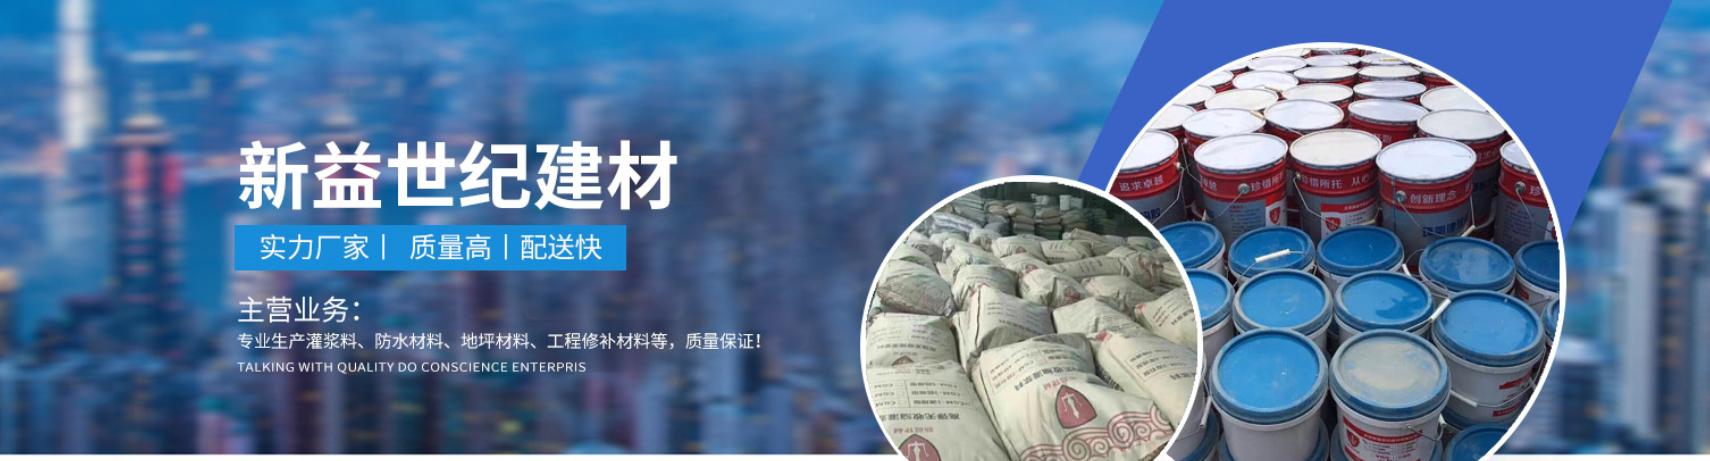 长春市新益世纪新型建筑材料厂